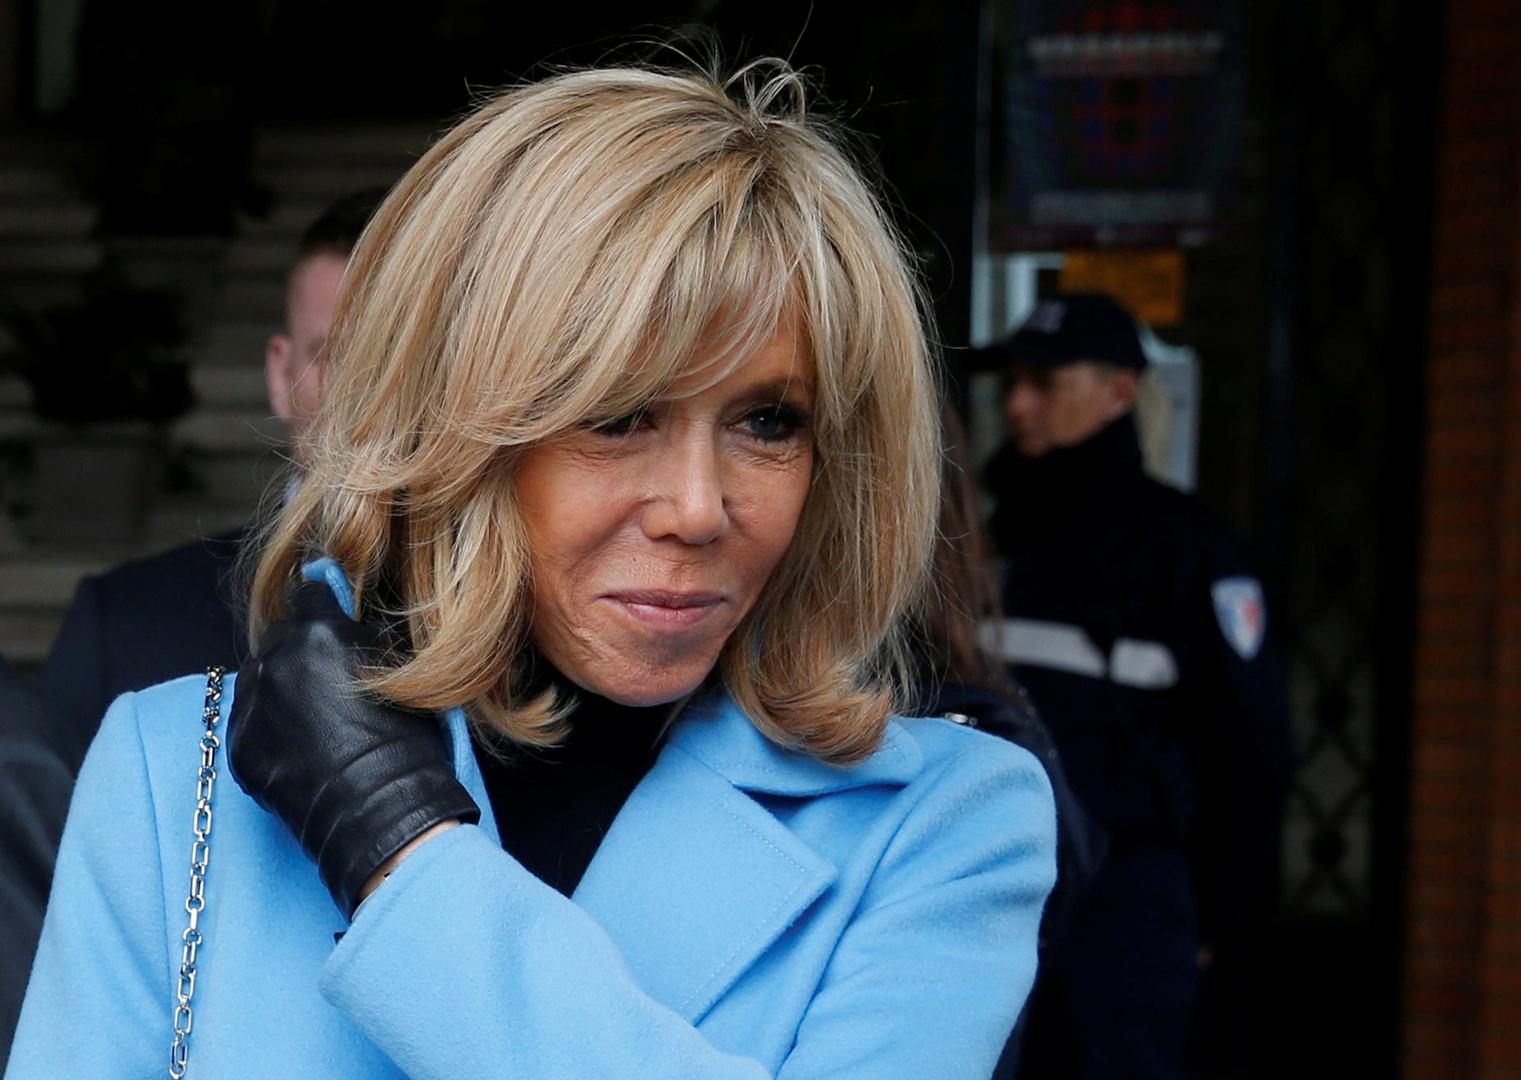 كم يكلف أسلوب حياة السيدة الأولى.. راتب مصفف شعر زوجة ماكرون يثير جدلا في فرنسا!